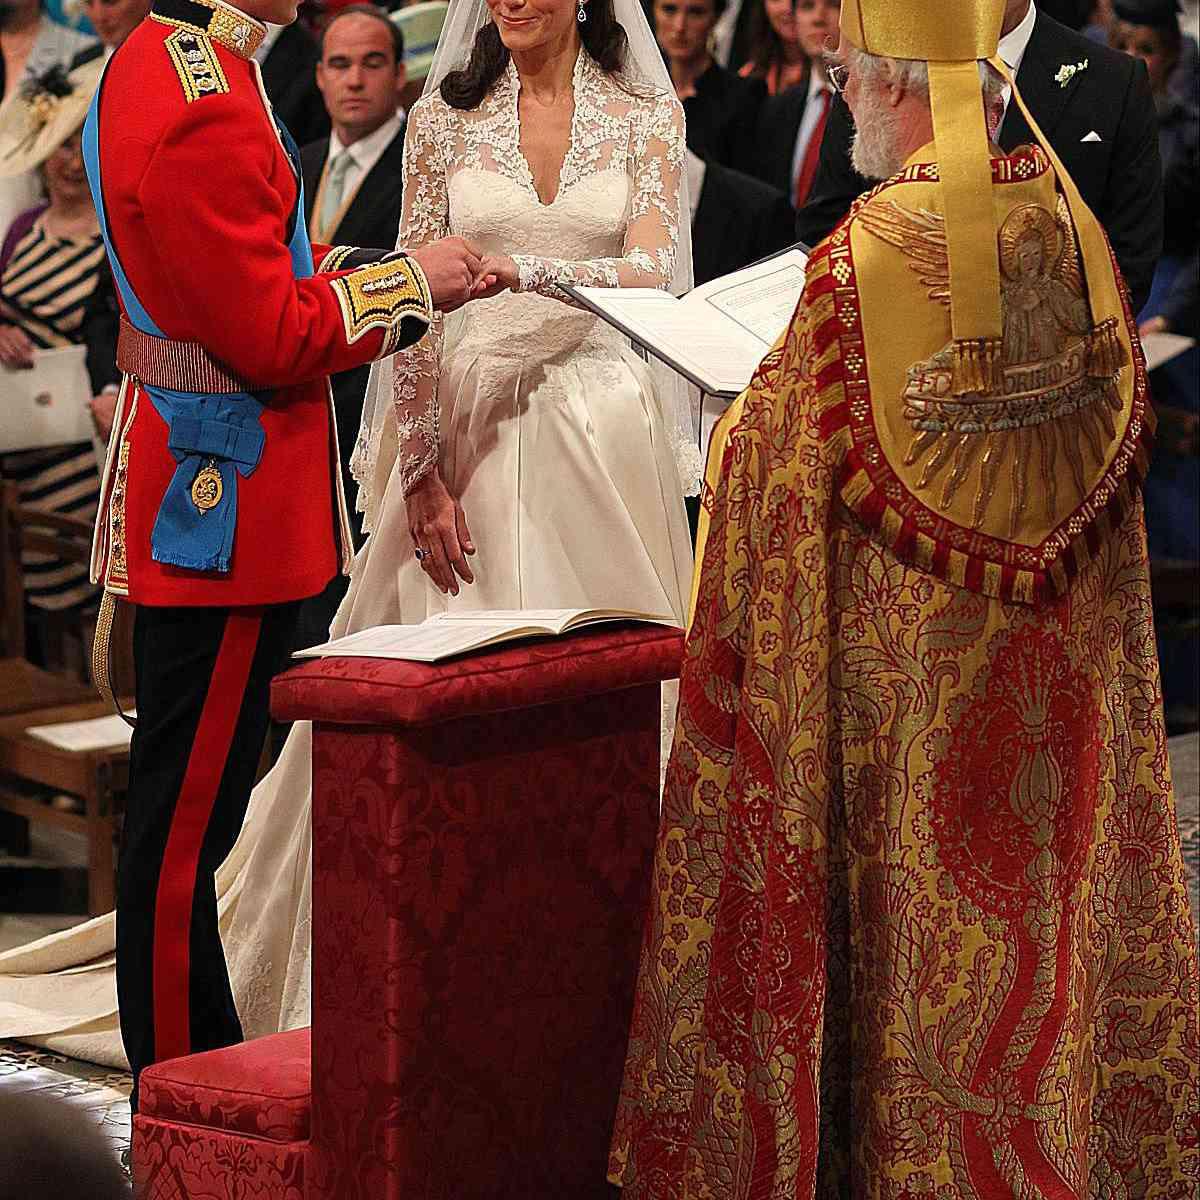 ウィリアム王子はキャサリンミドルトン2011と結婚します